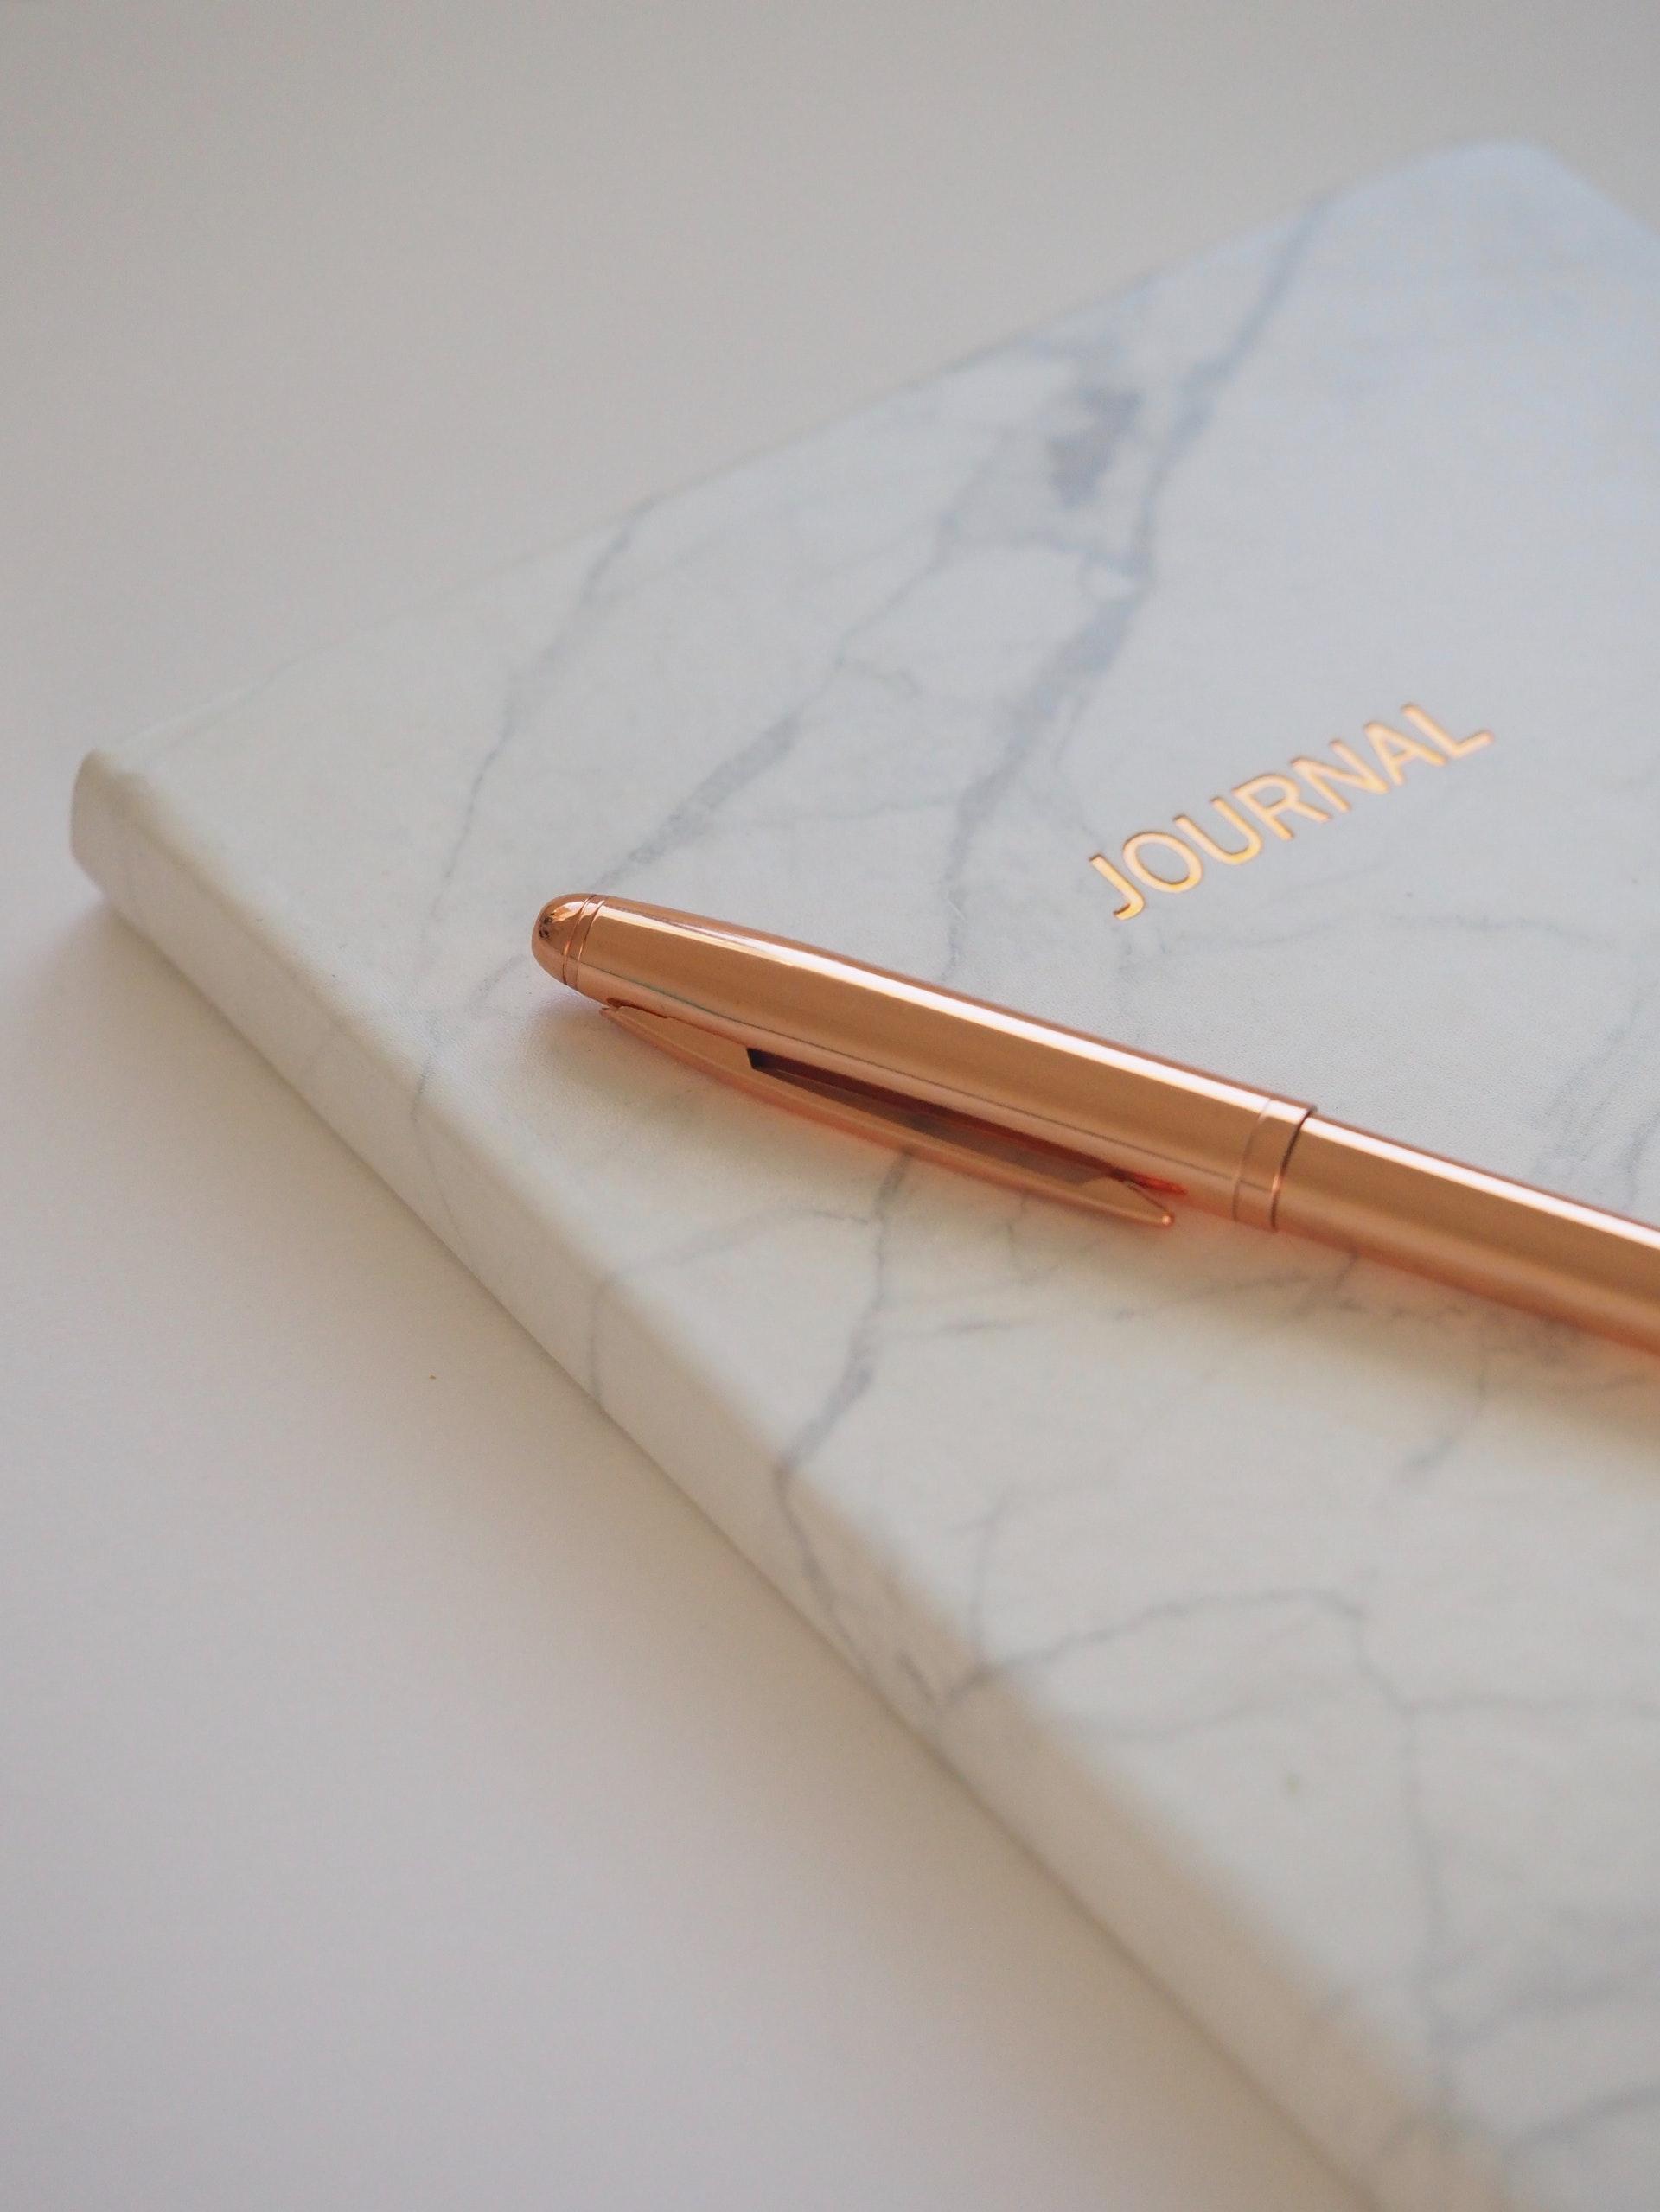 Hoe de Bullet Journal is als een enkele notebook